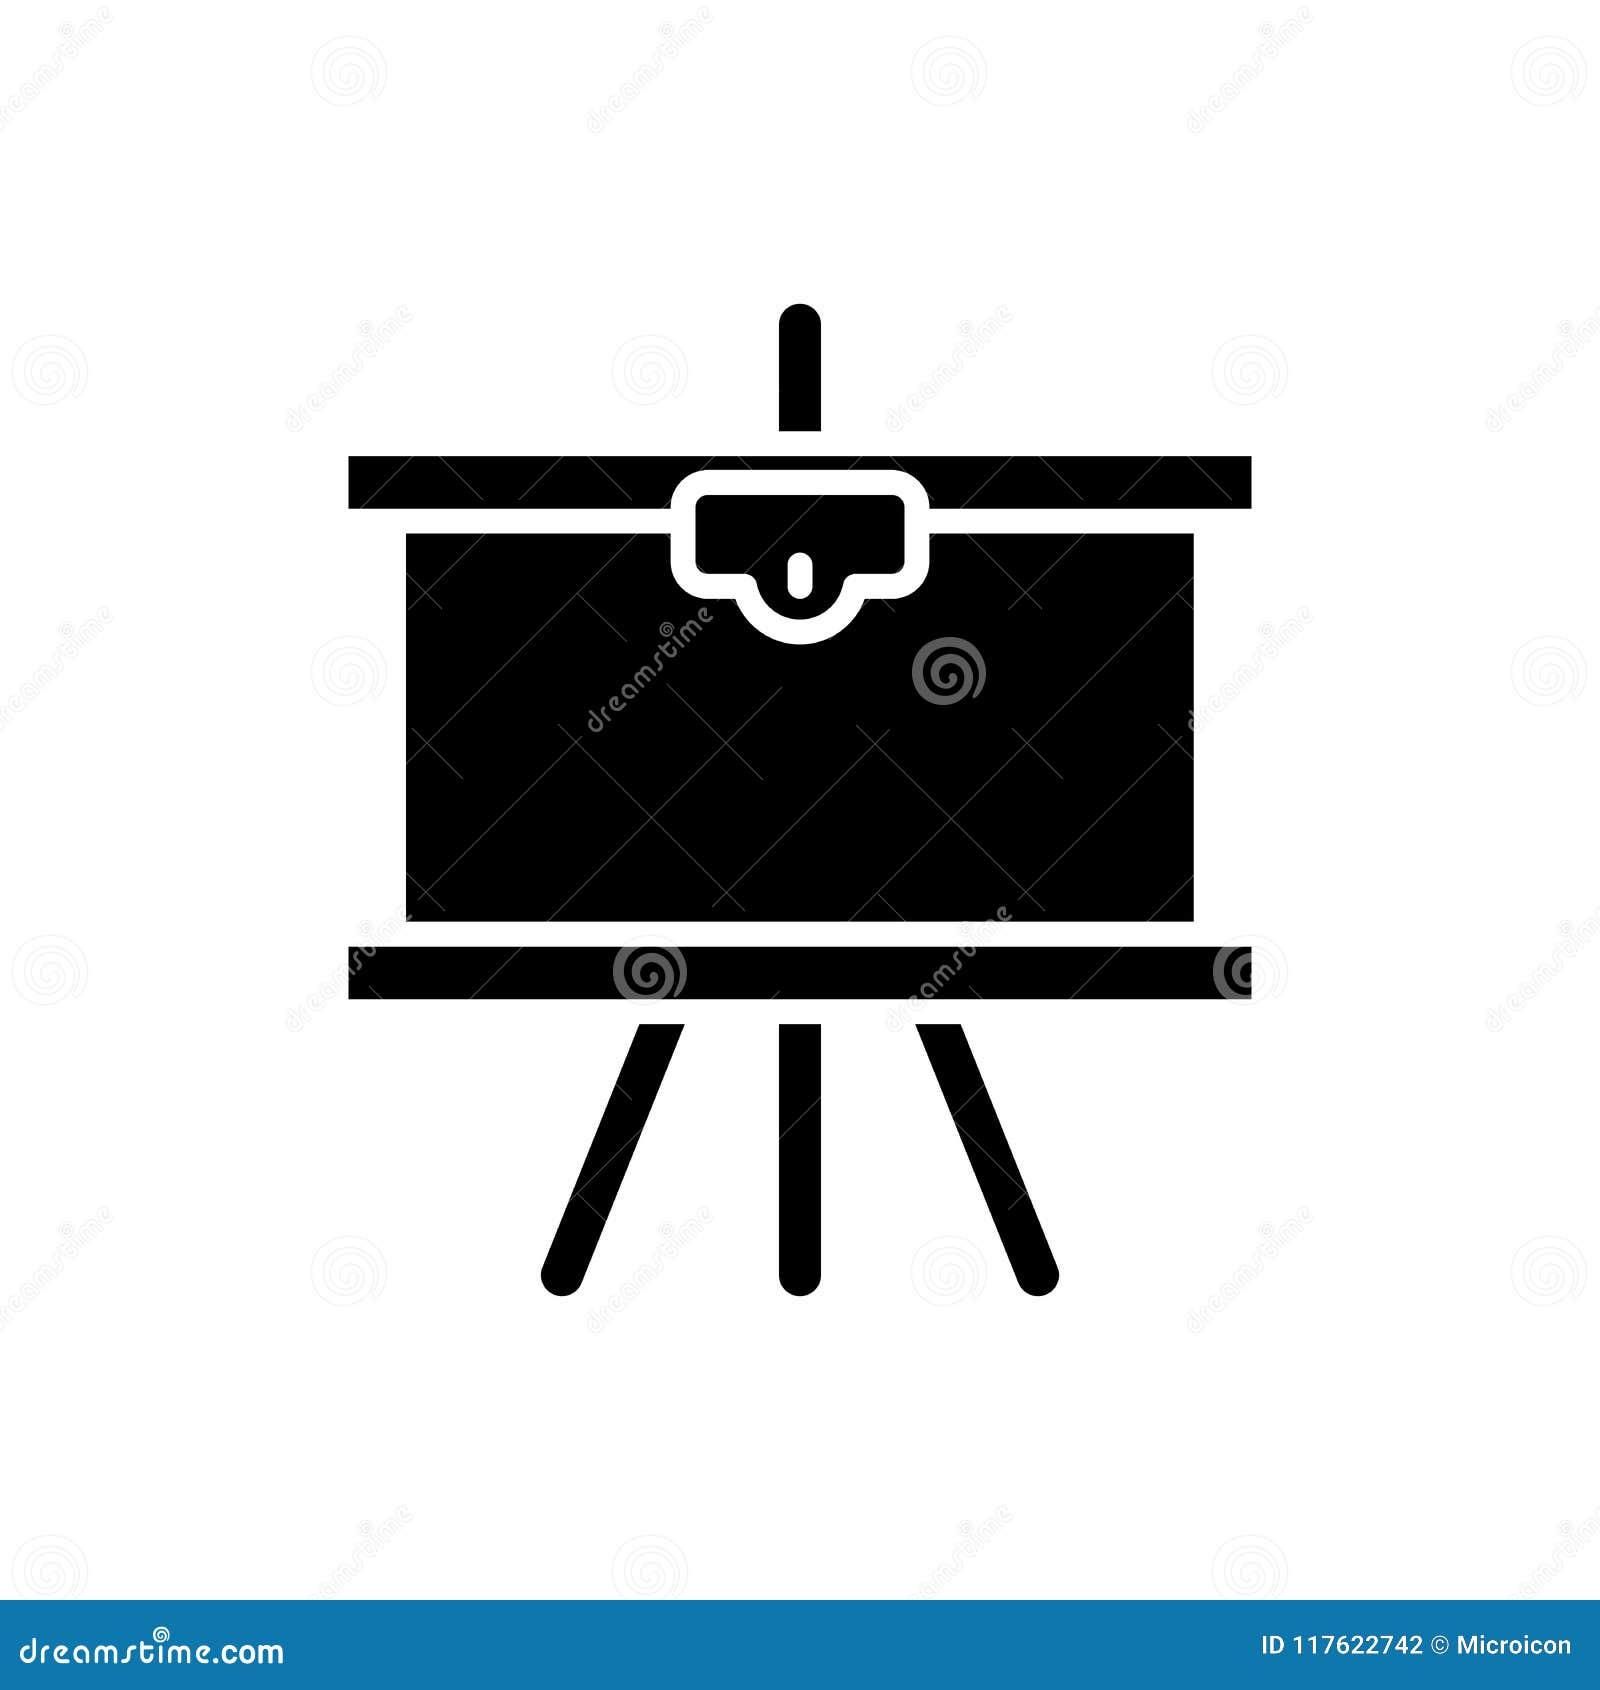 Στρέθιμο της προσοχής στη μαύρη έννοια εικονιδίων καμβά Επισύροντας την προσοχή στο επίπεδο διανυσματικό σύμβολο καμβά, σημάδι, α